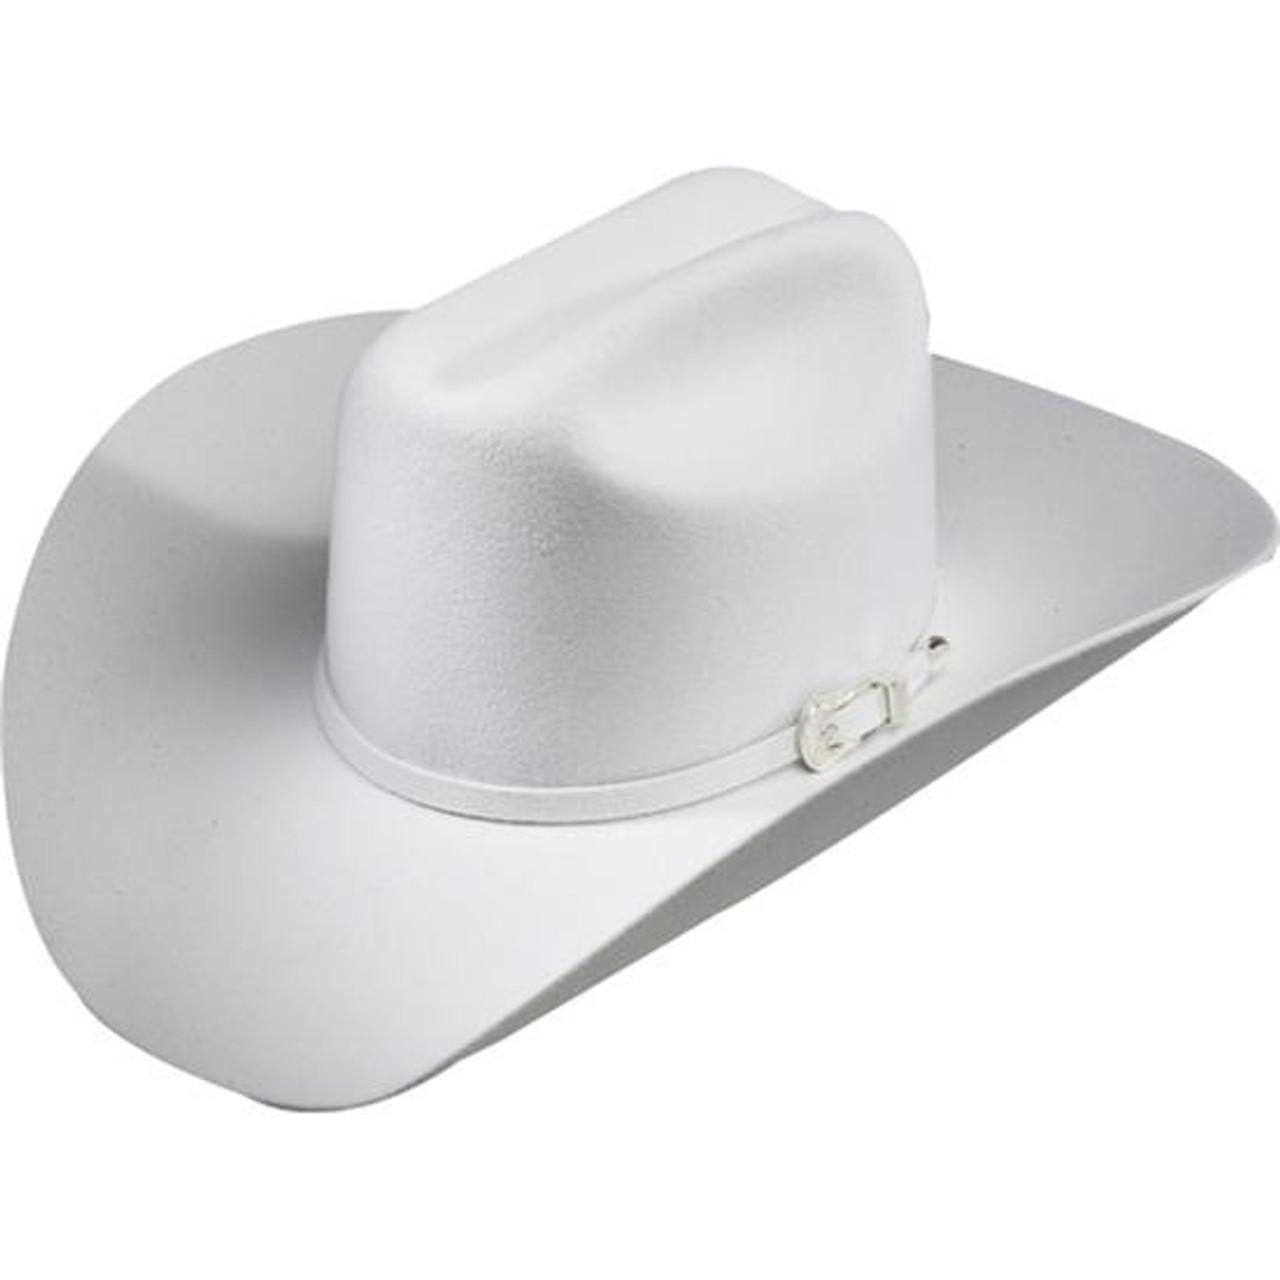 BAILEY LIGHTNING 4X WHITE FELT COWBOY HAT 4145 - Jackson s Western f17f52cd226